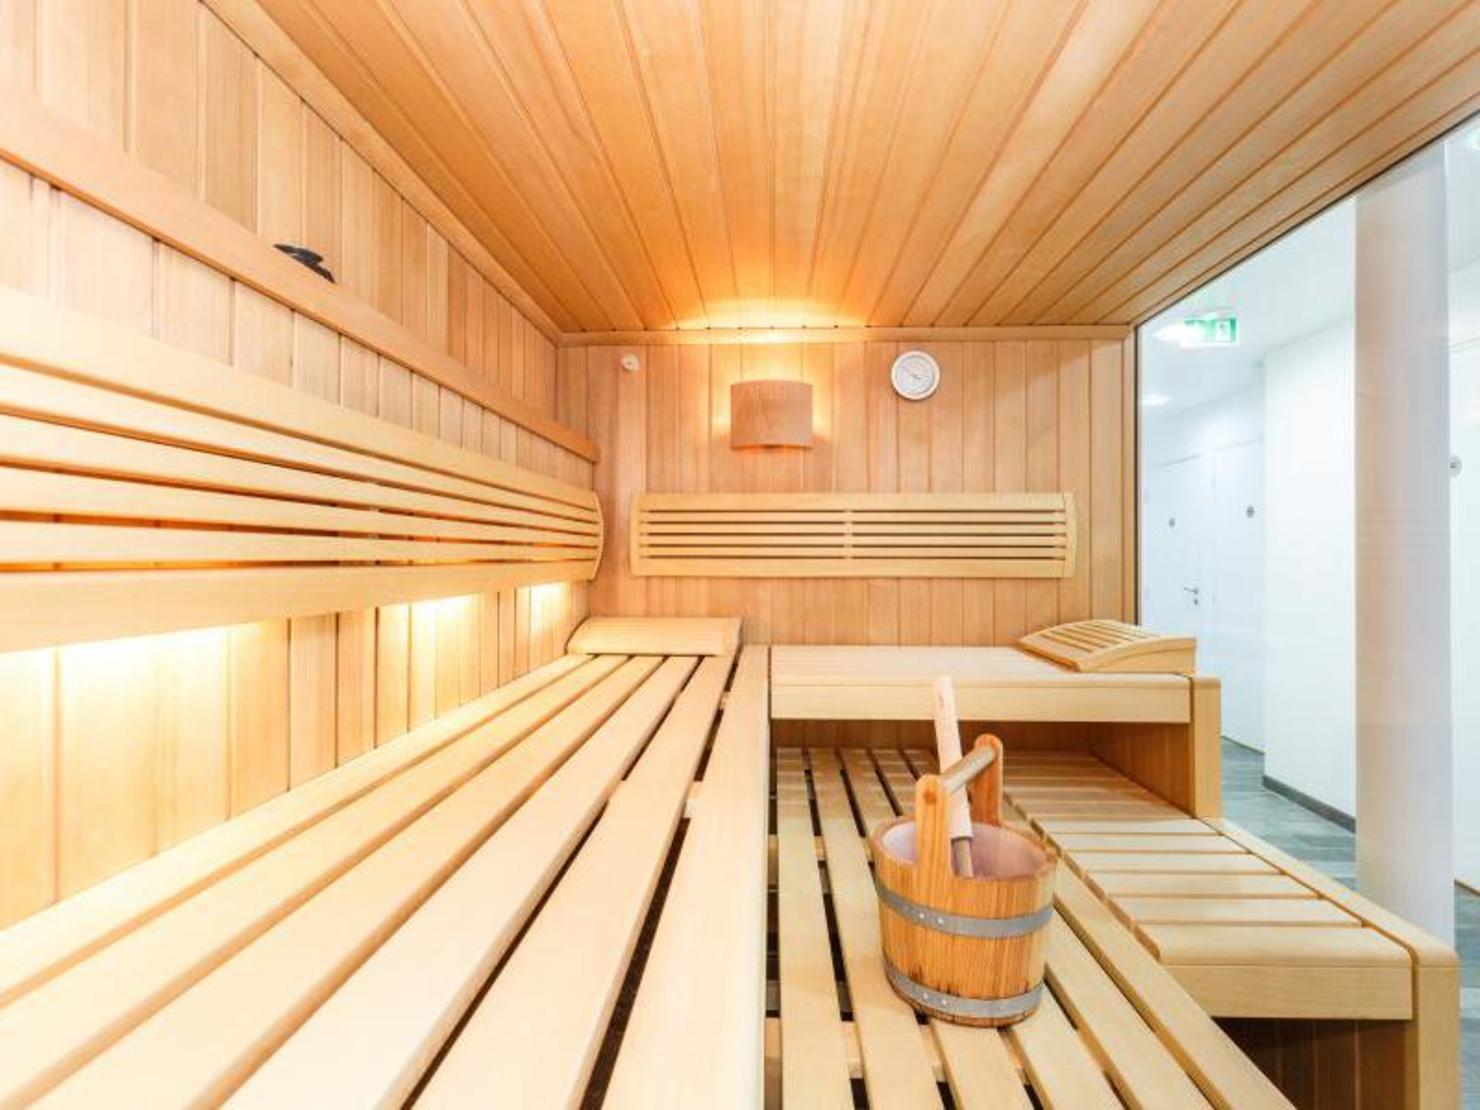 aqua by paris 3 tarifs avis horaires offre d couverte. Black Bedroom Furniture Sets. Home Design Ideas